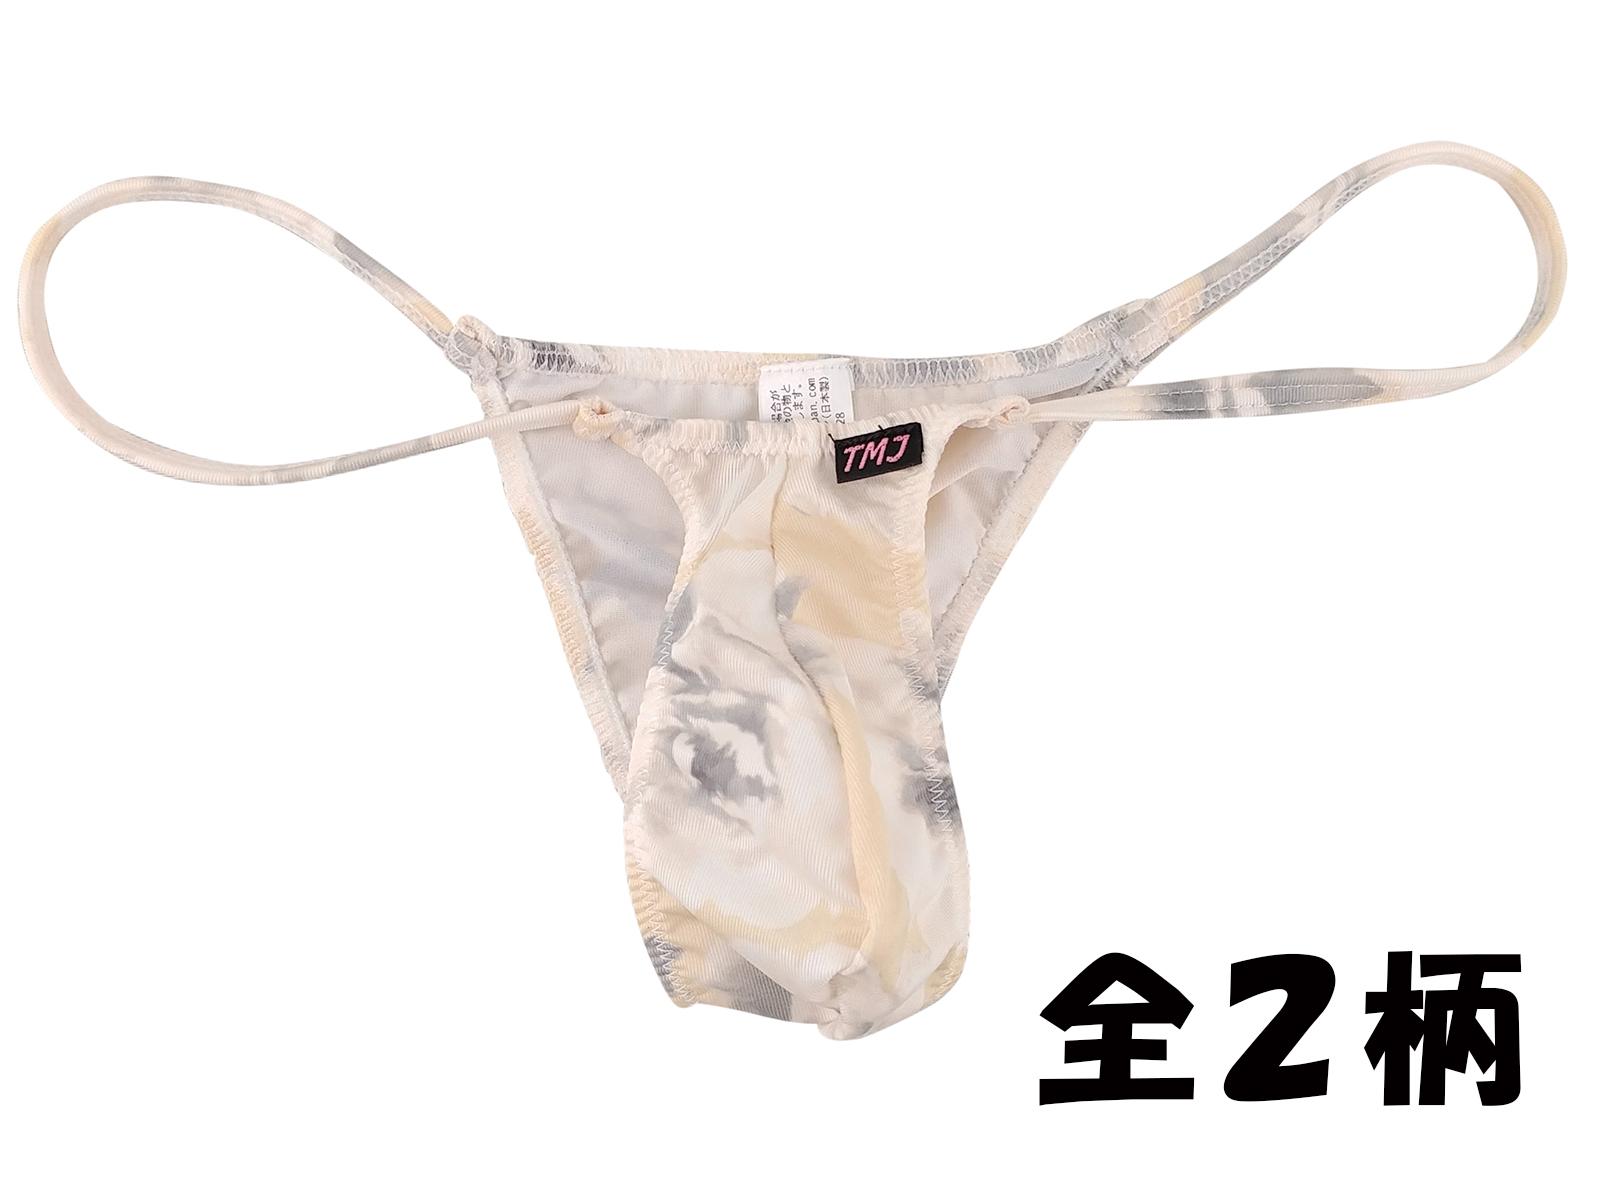 【20%OFF】メンズ ピンク系4プリント Tフロントハイレグハーフバック下着(2033740)